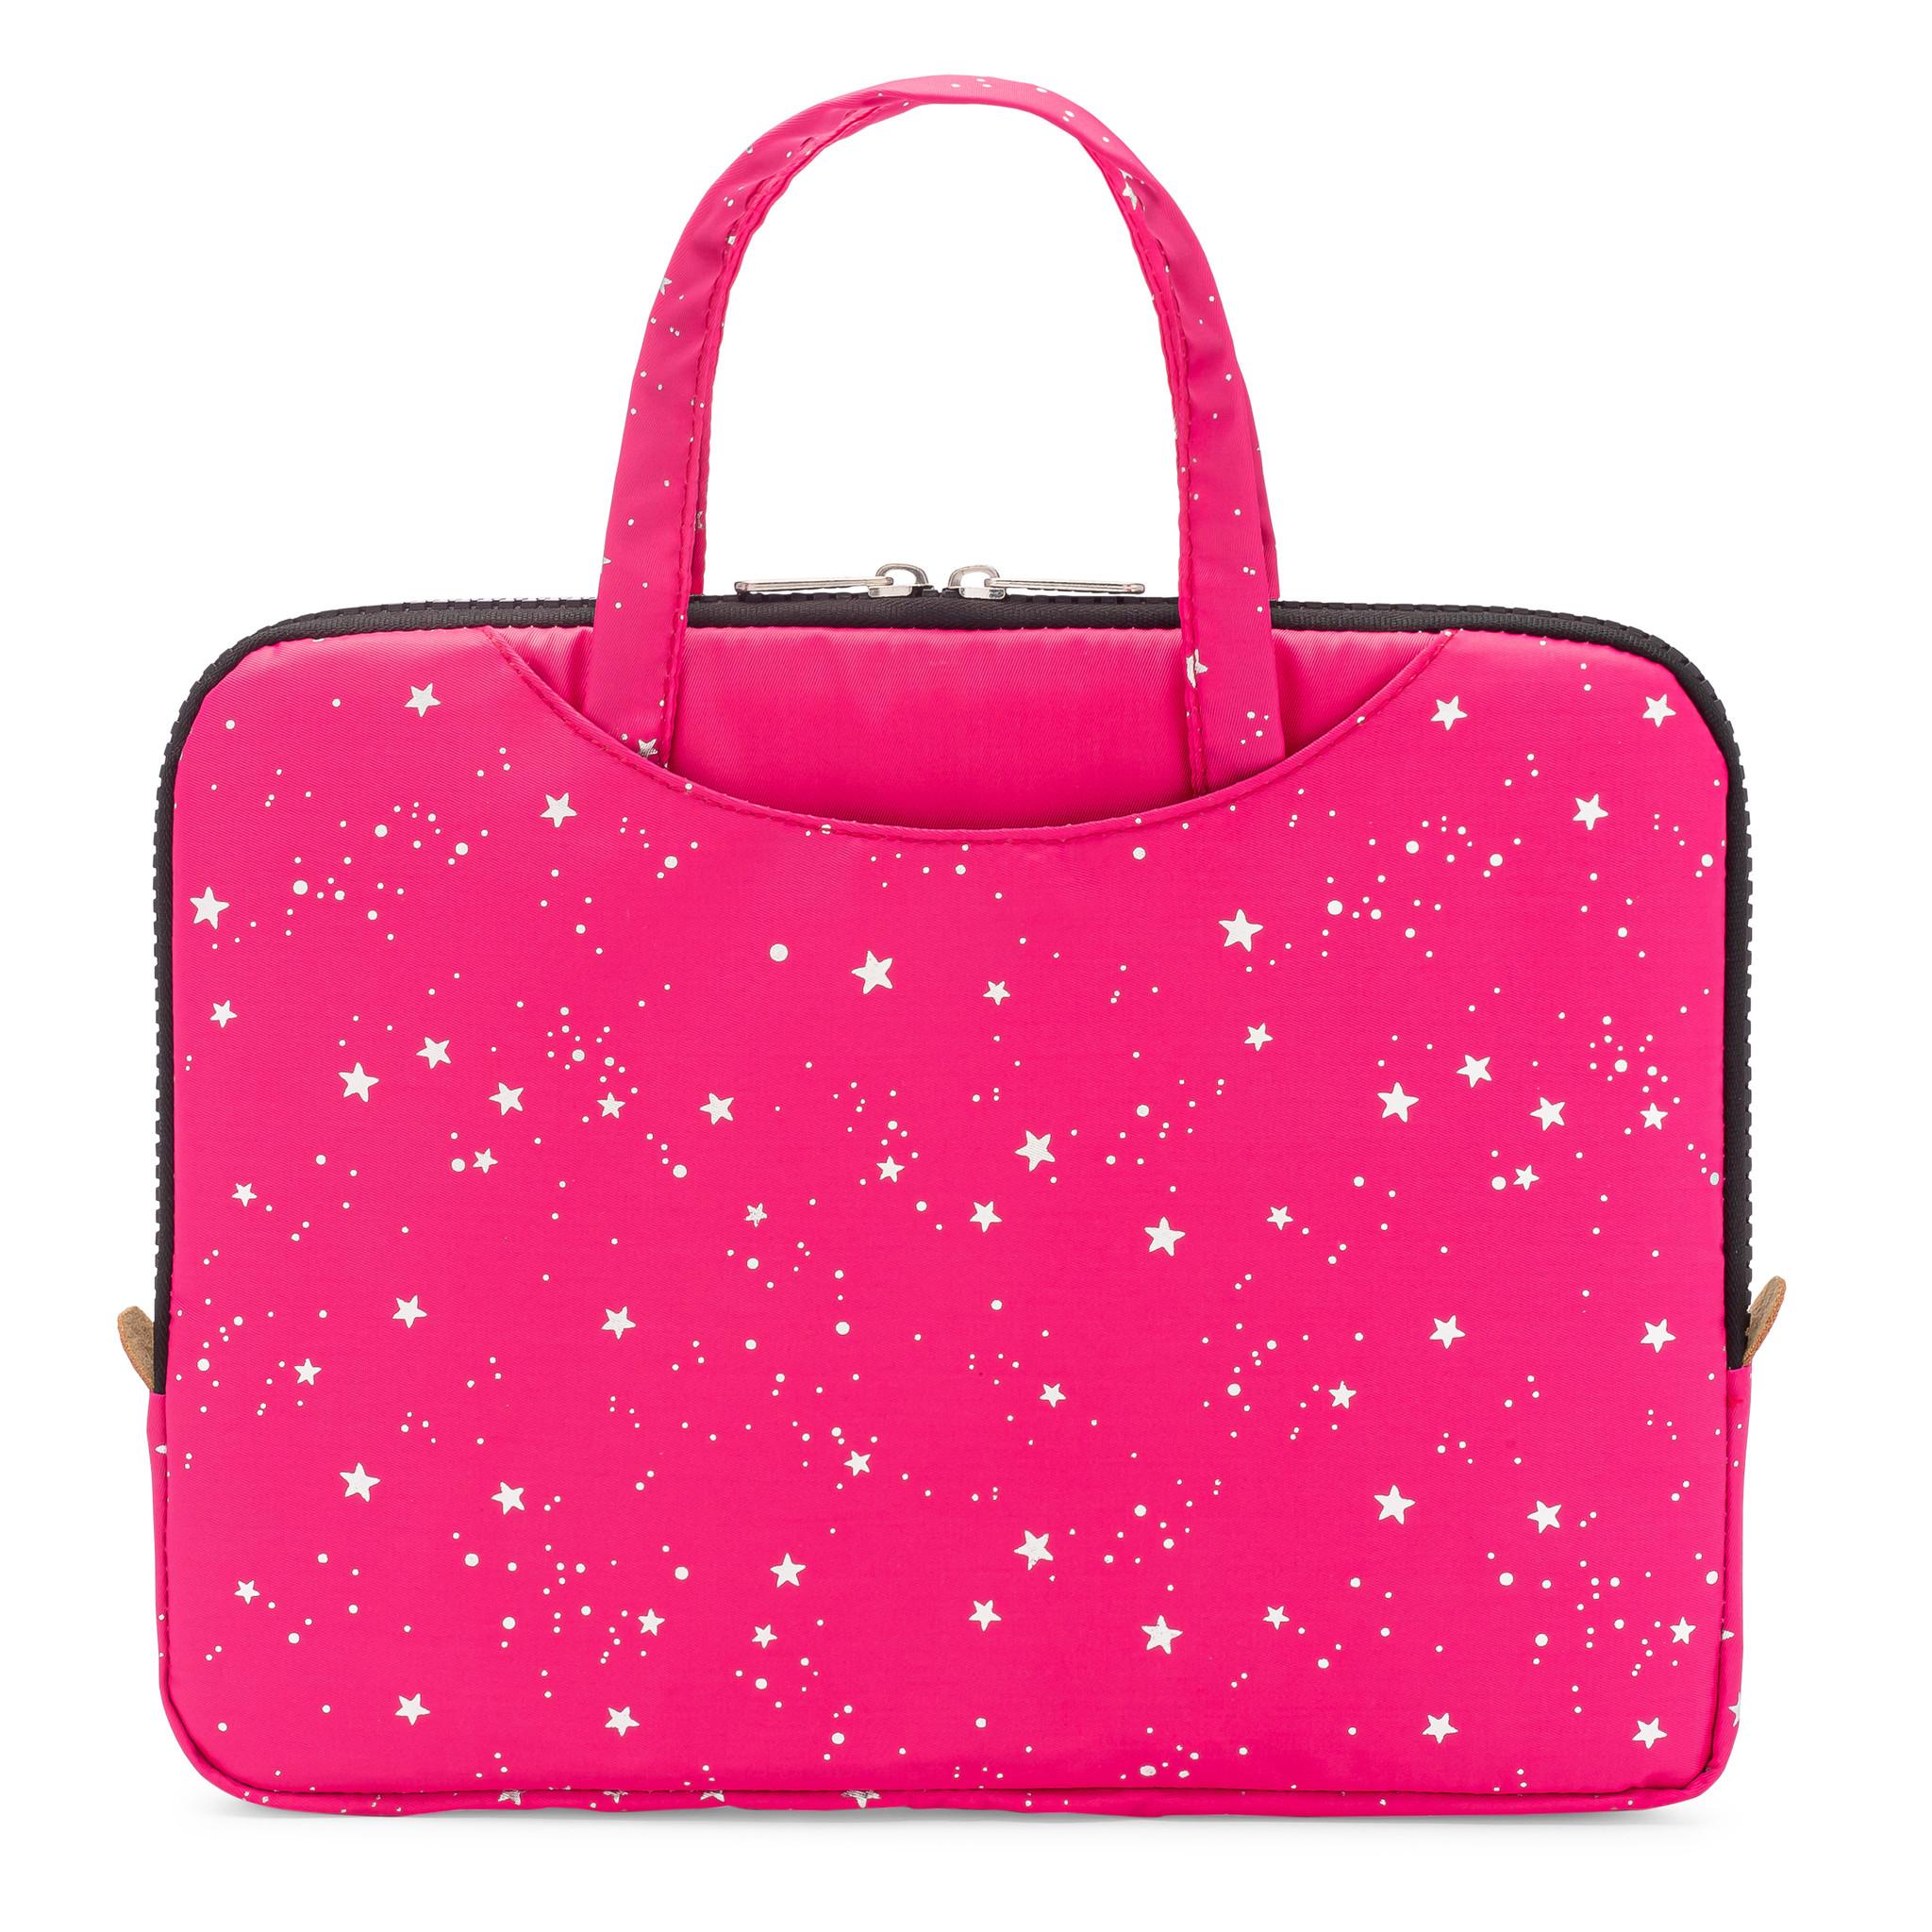 Yumbox Poche met handgrepen roze / sterren-1